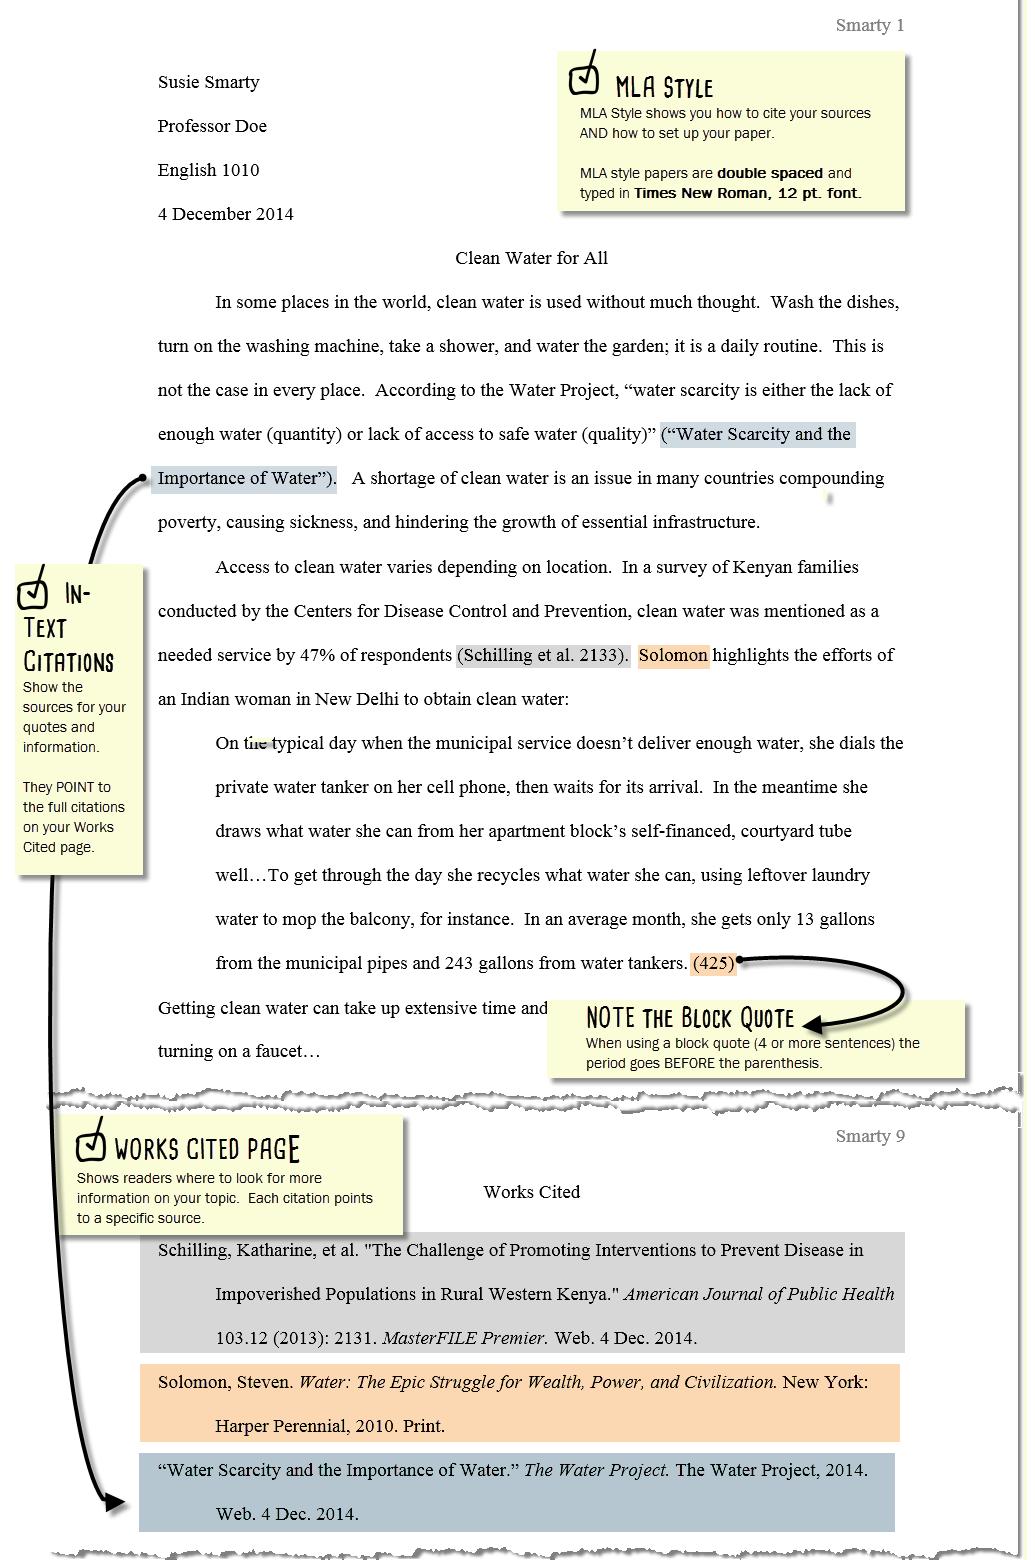 Descriptive 5 paragraph essay